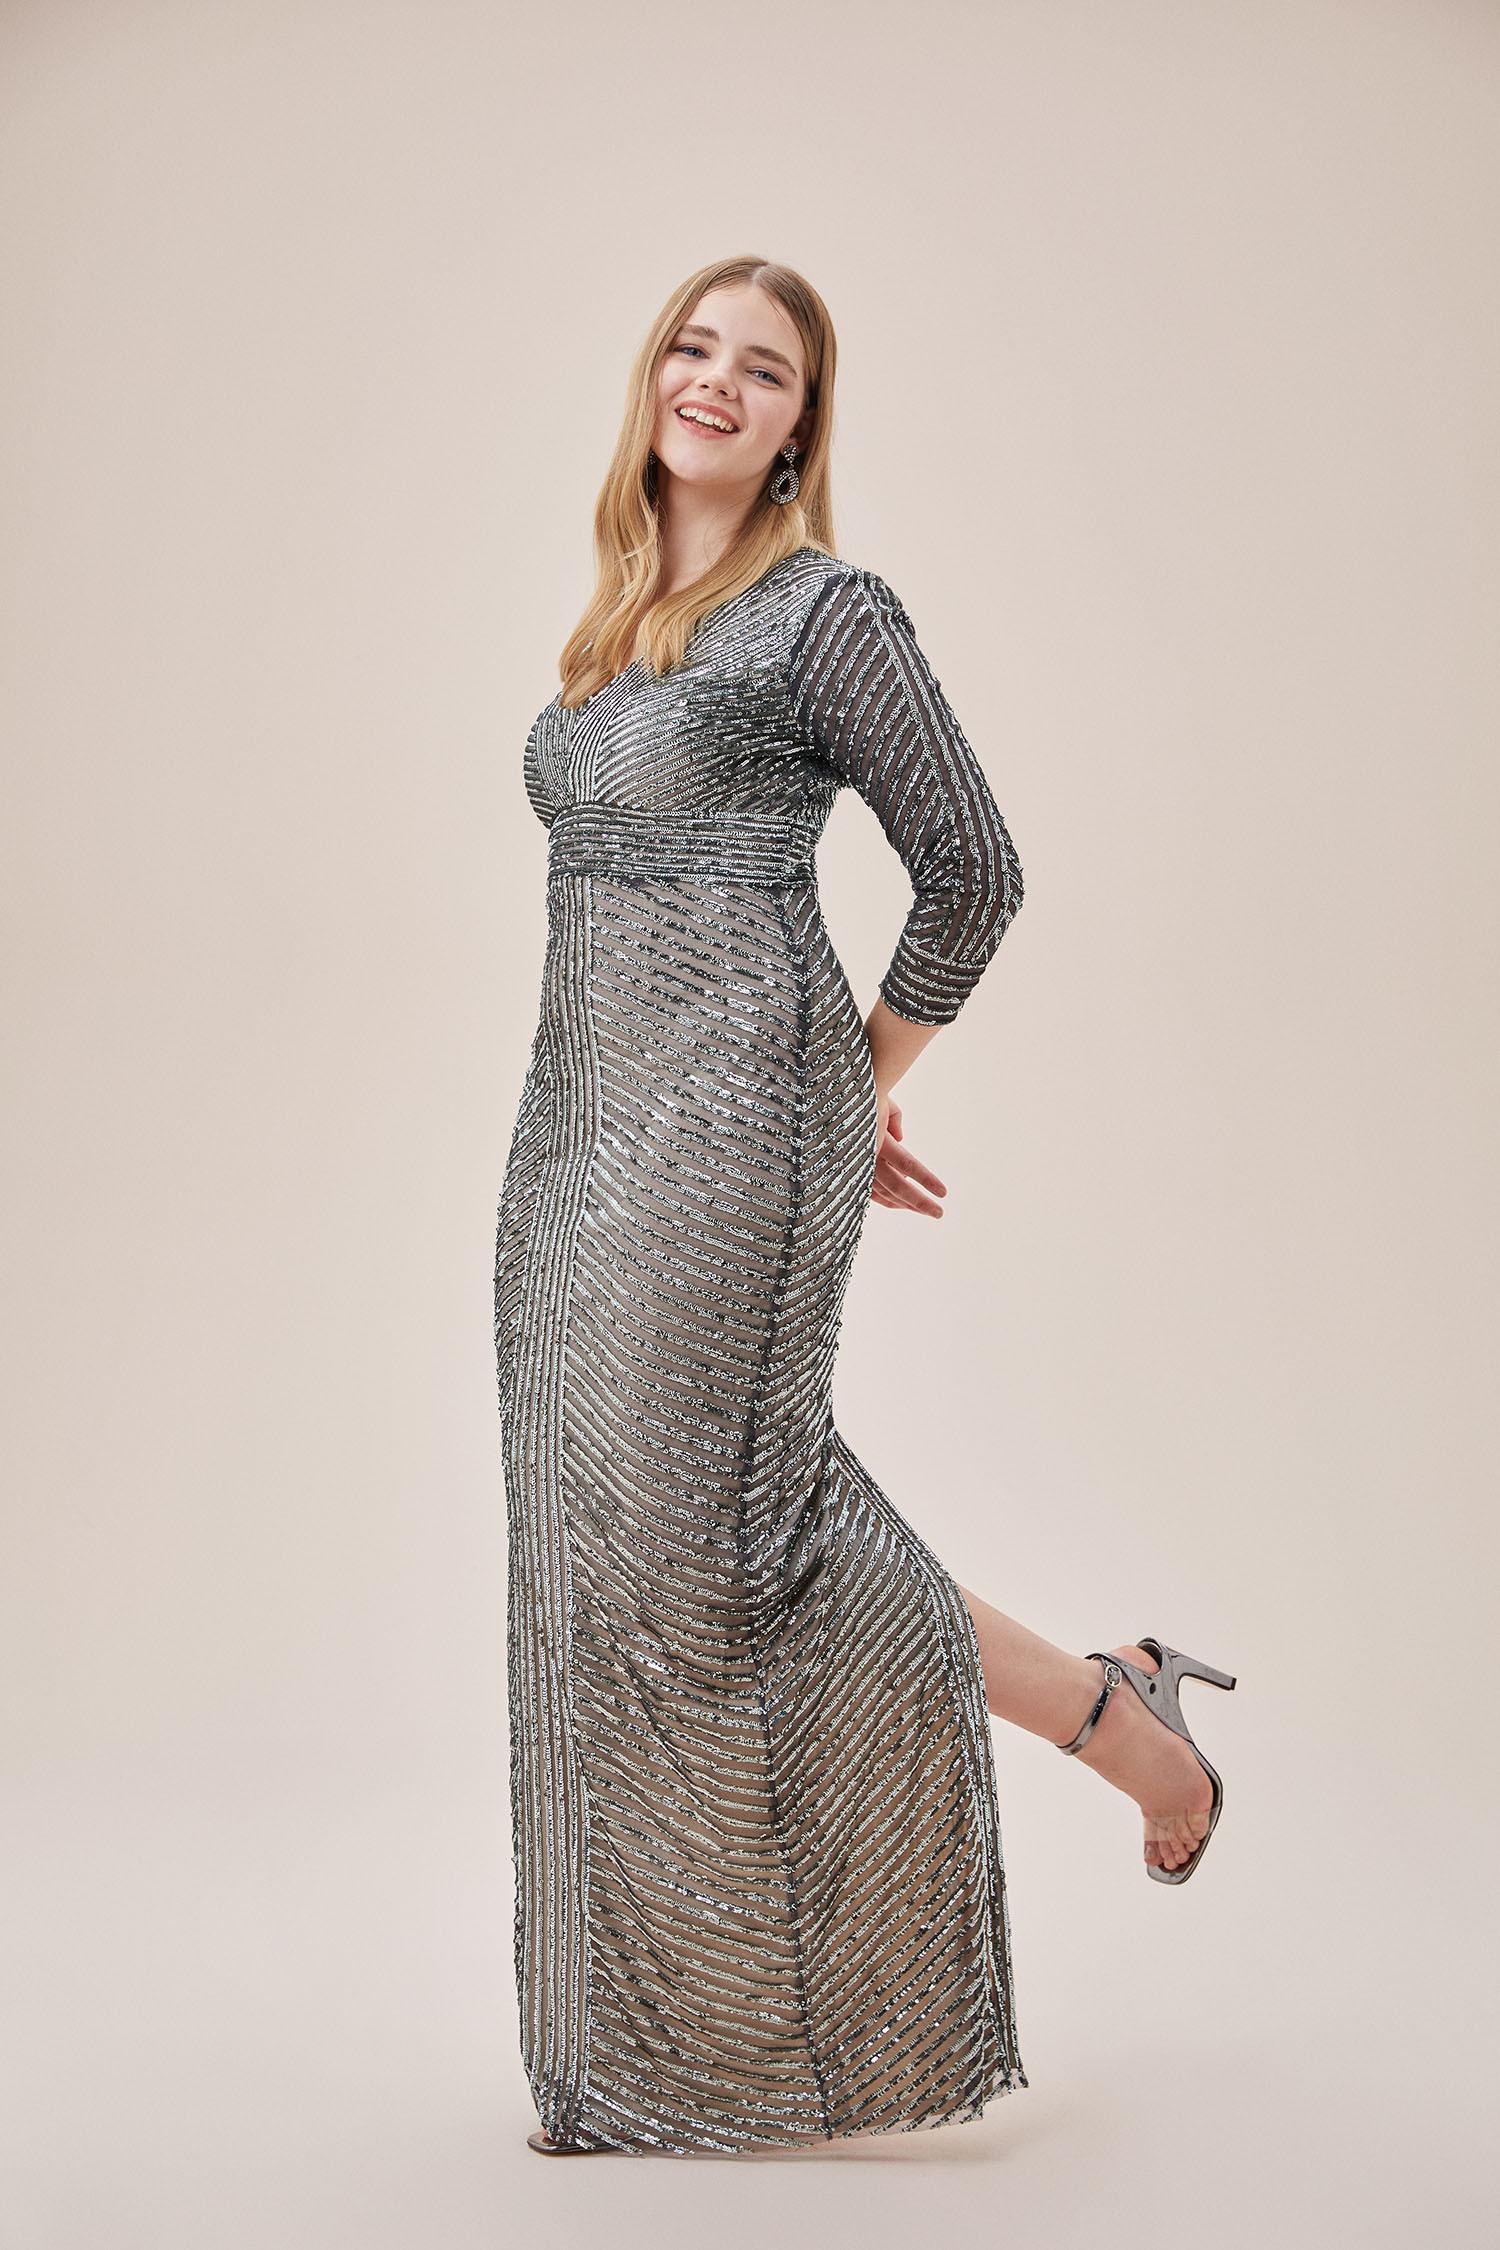 Gri Payet İşlemeli Uzun Kollu Arka Yırtmaçlı Uzun Elbise - Thumbnail